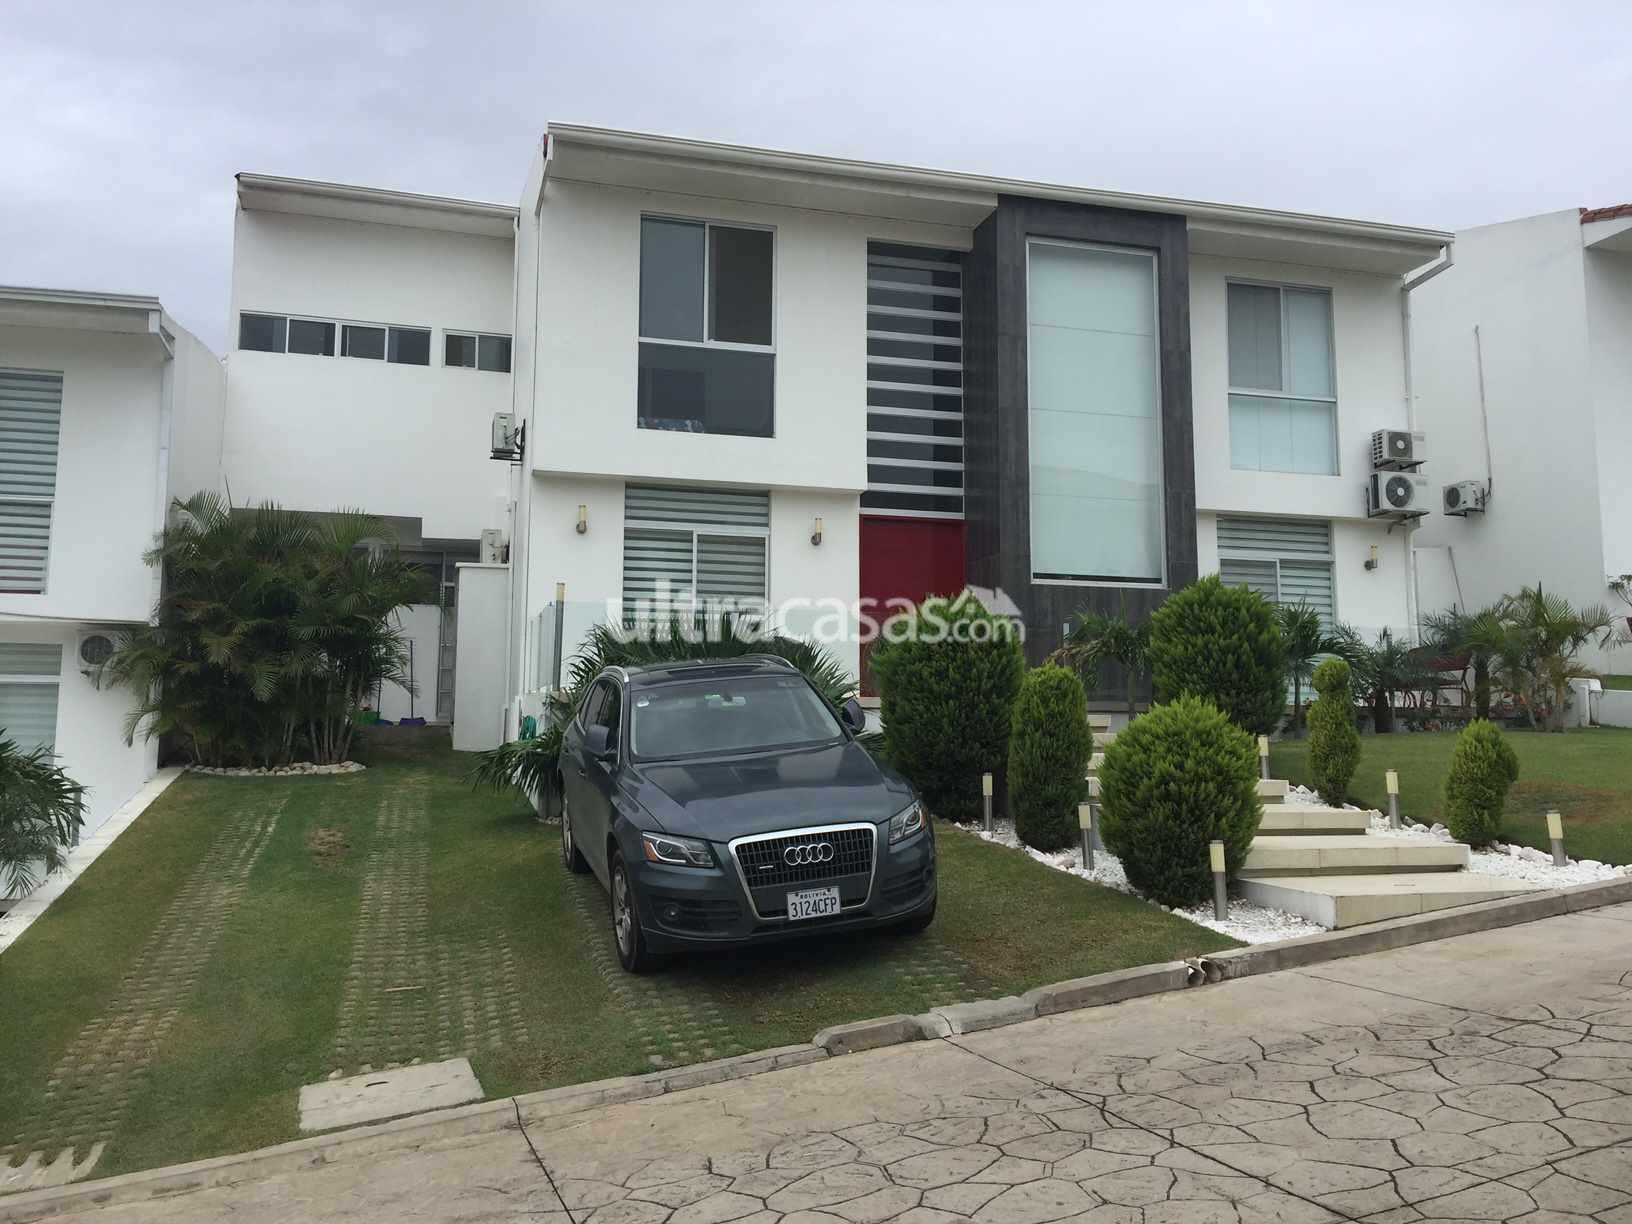 Villa bonita condominio geraldine casa 8 for Villa bonita precios